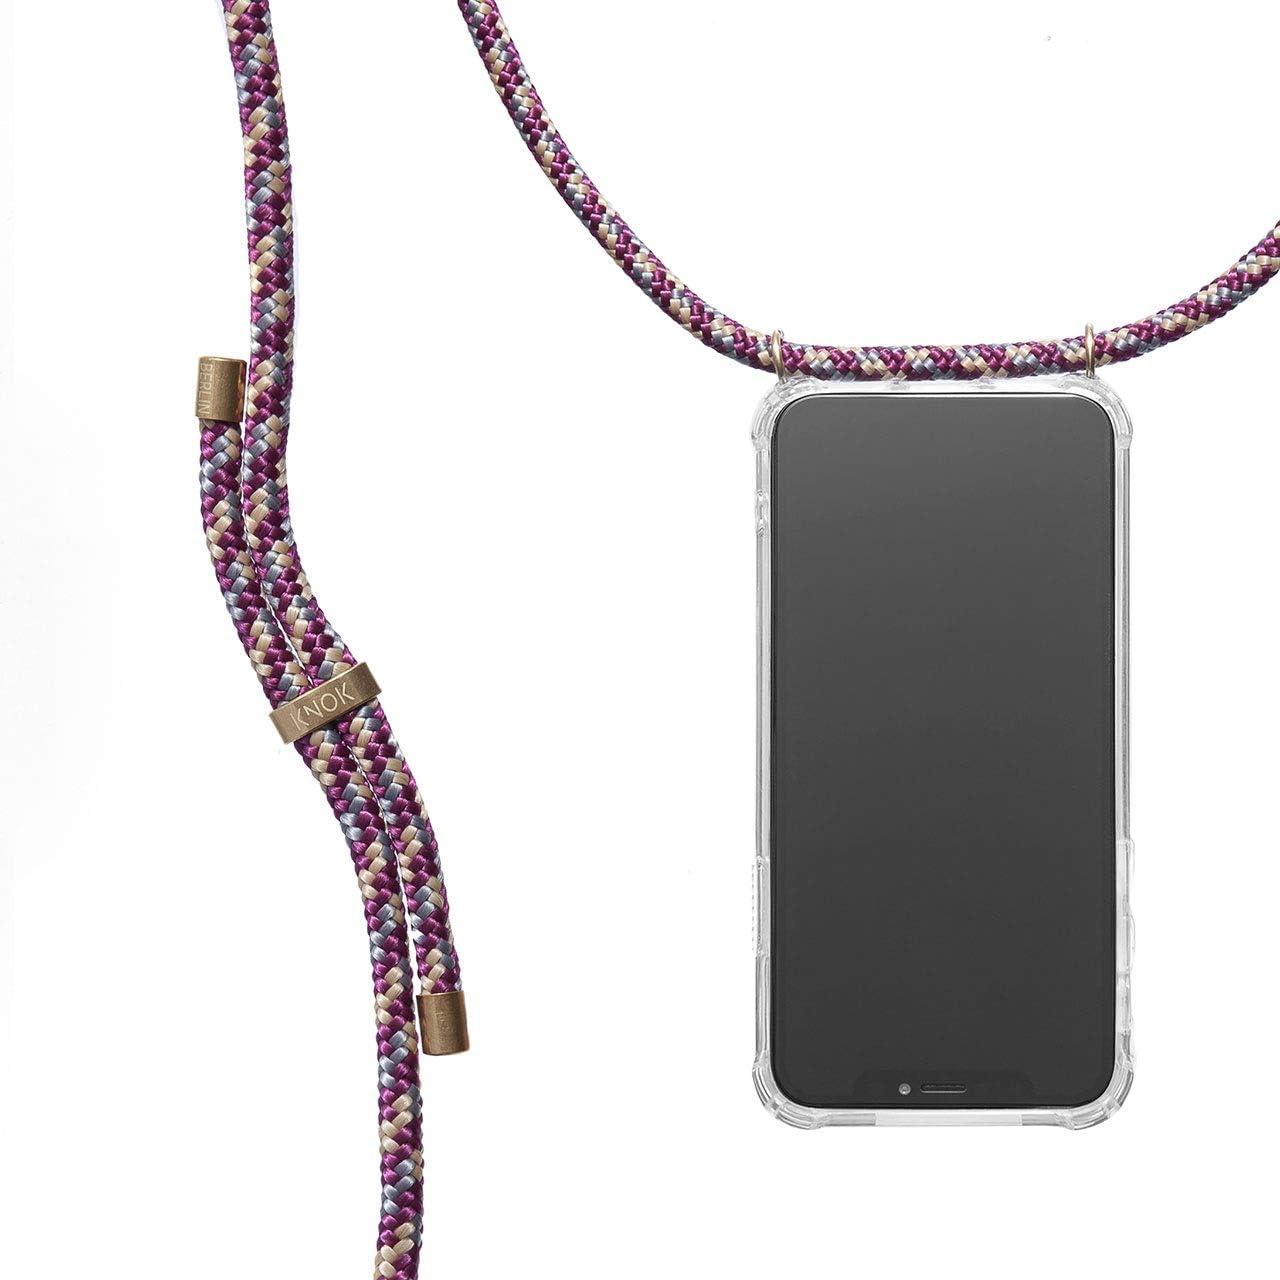 KNOK Funda con Cuerda para iPhone XS MAX - Funda Colgante para movil Carcasa - Colgar movil Cuello Funda con Correa Colgante con Cordon para Llevar en el Cuello